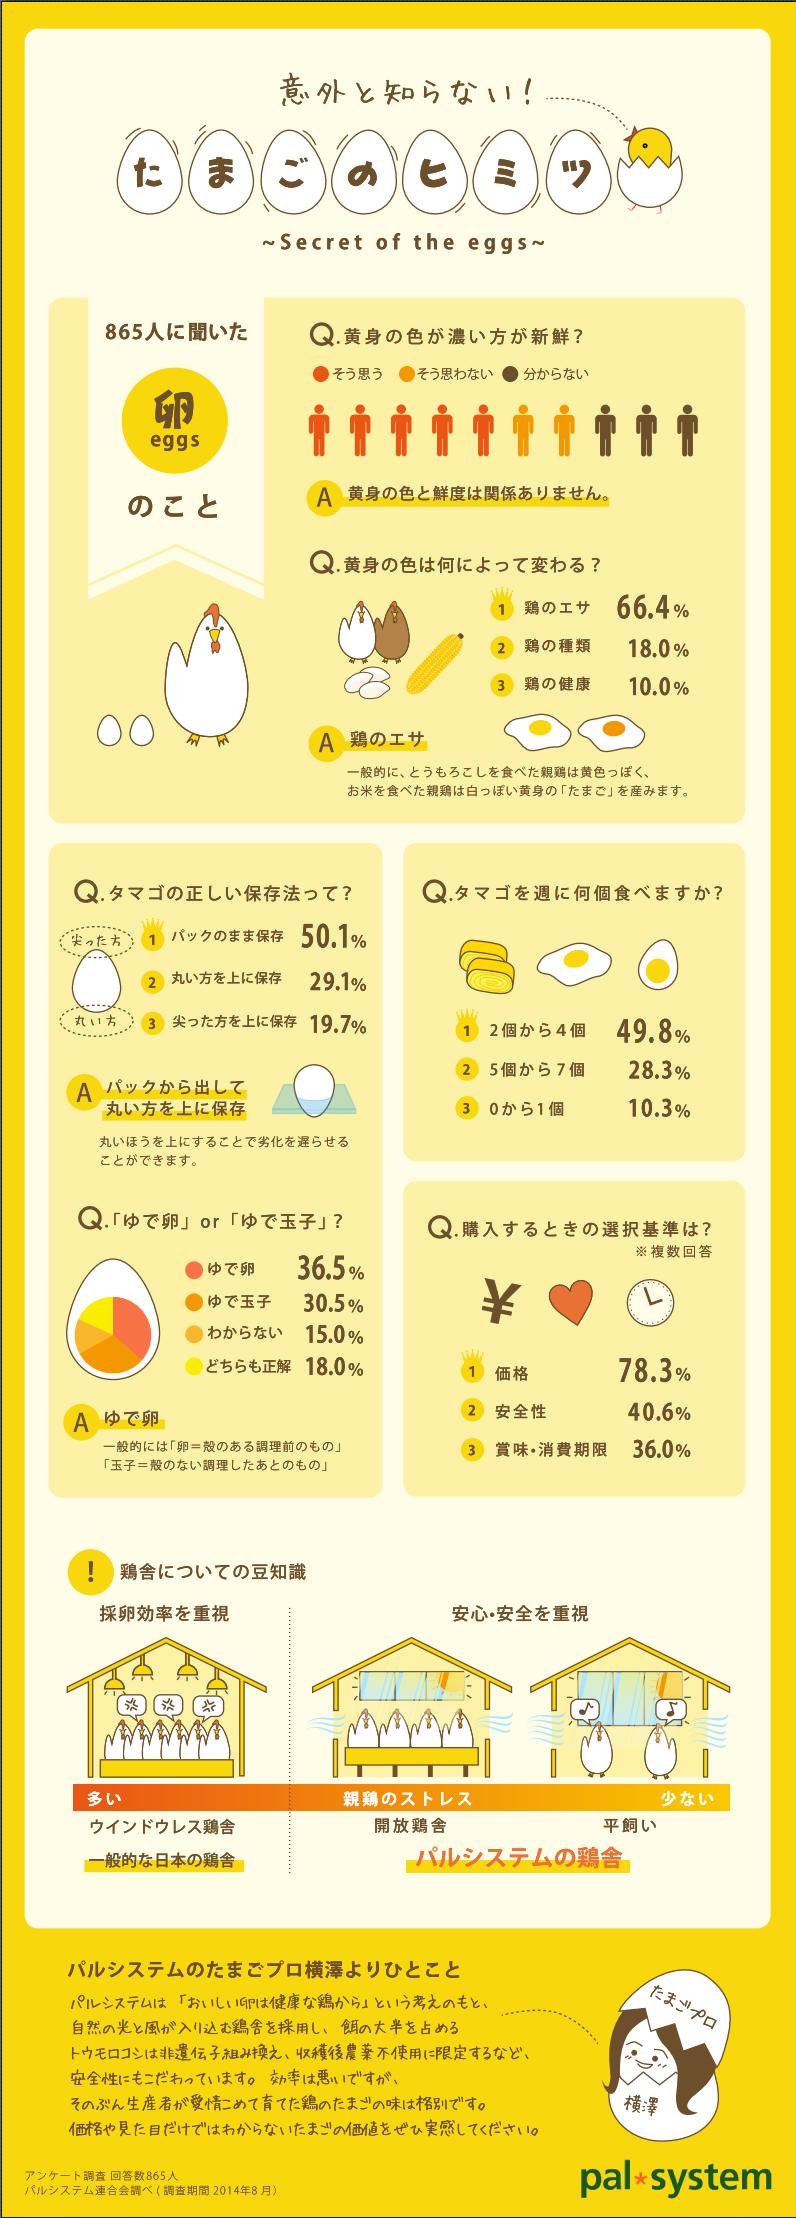 みんなに伝えたい卵の秘密